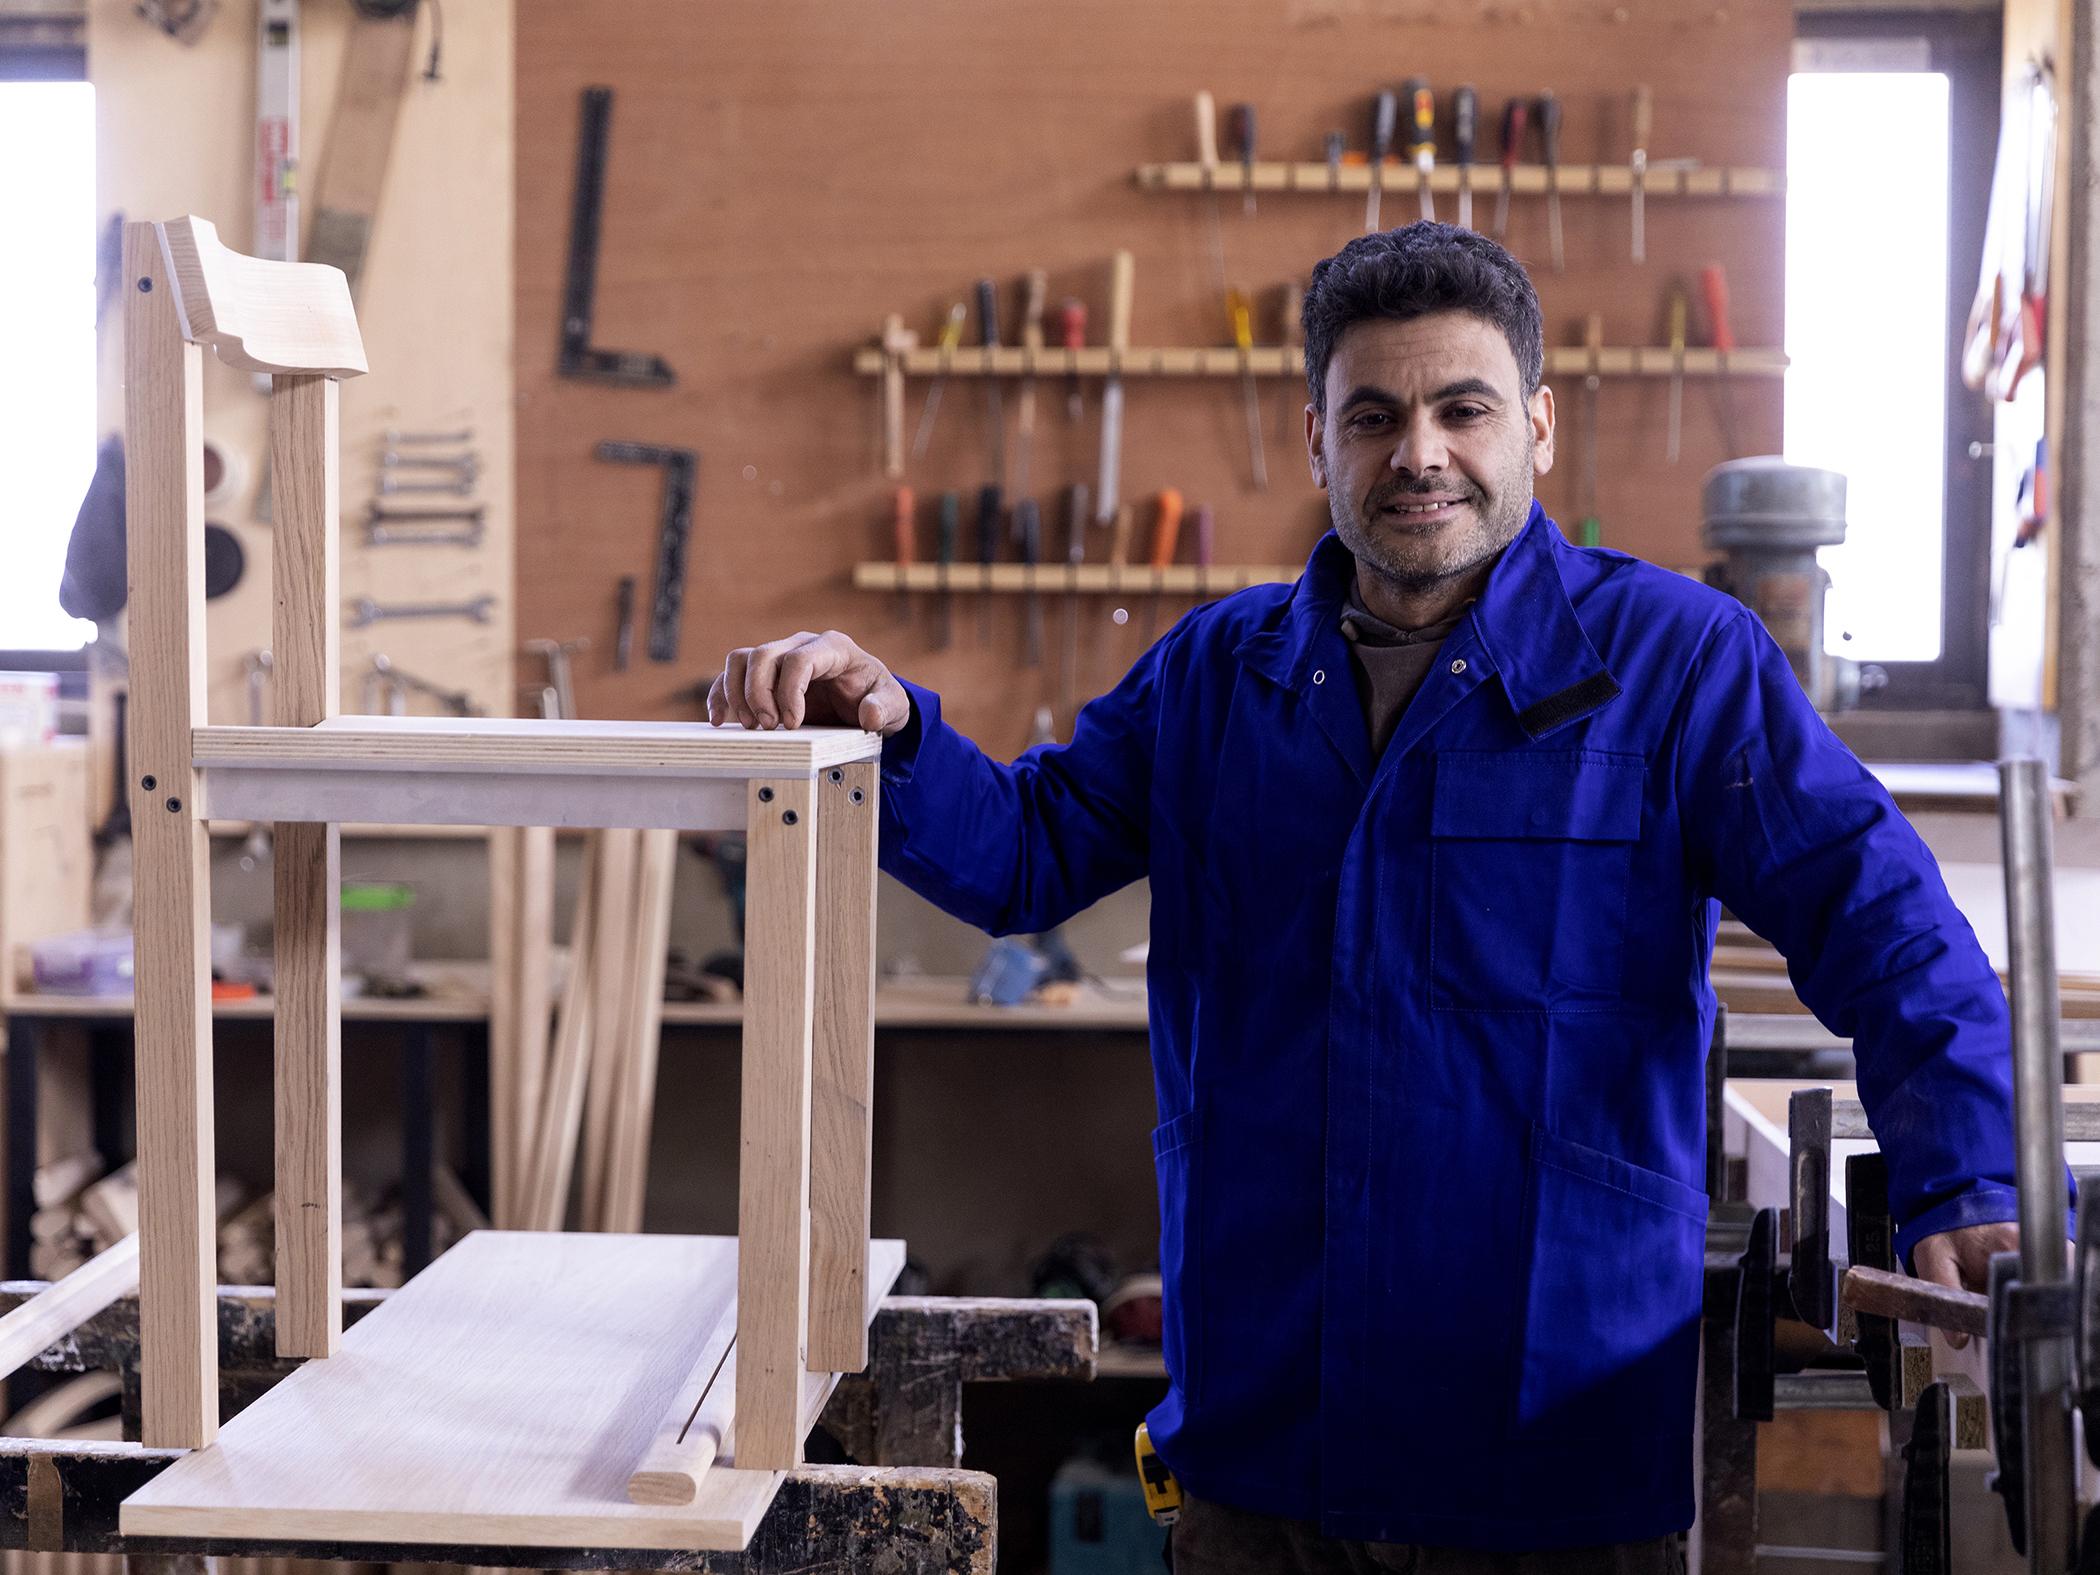 À l'Atelier Kanaan, l'ébéniste Radwan travaille sur le prototype de la chaise Tal dessinée par Léonard Kadid.